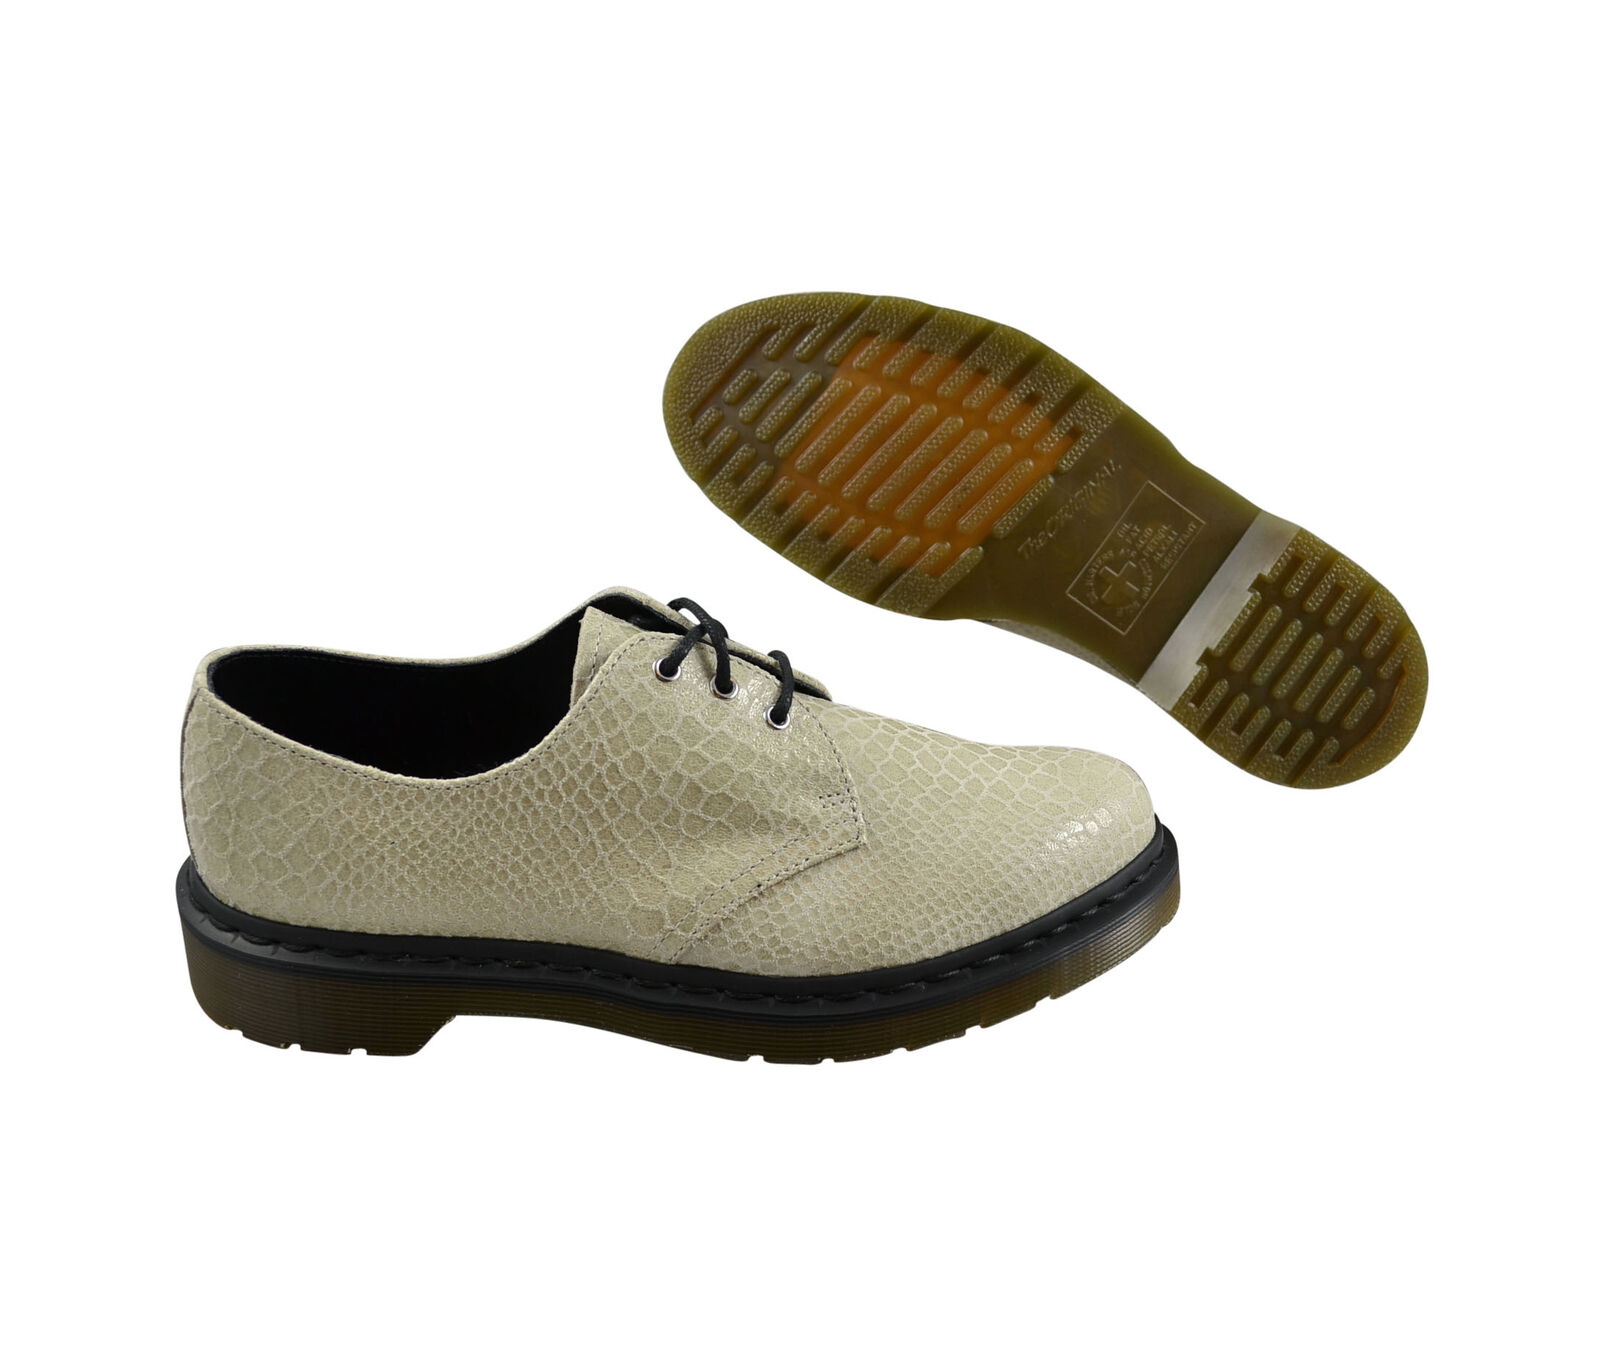 Dr. Martens Tahan off blancoo Hi Shine Snake 16171110 schnürzapatos zapatos